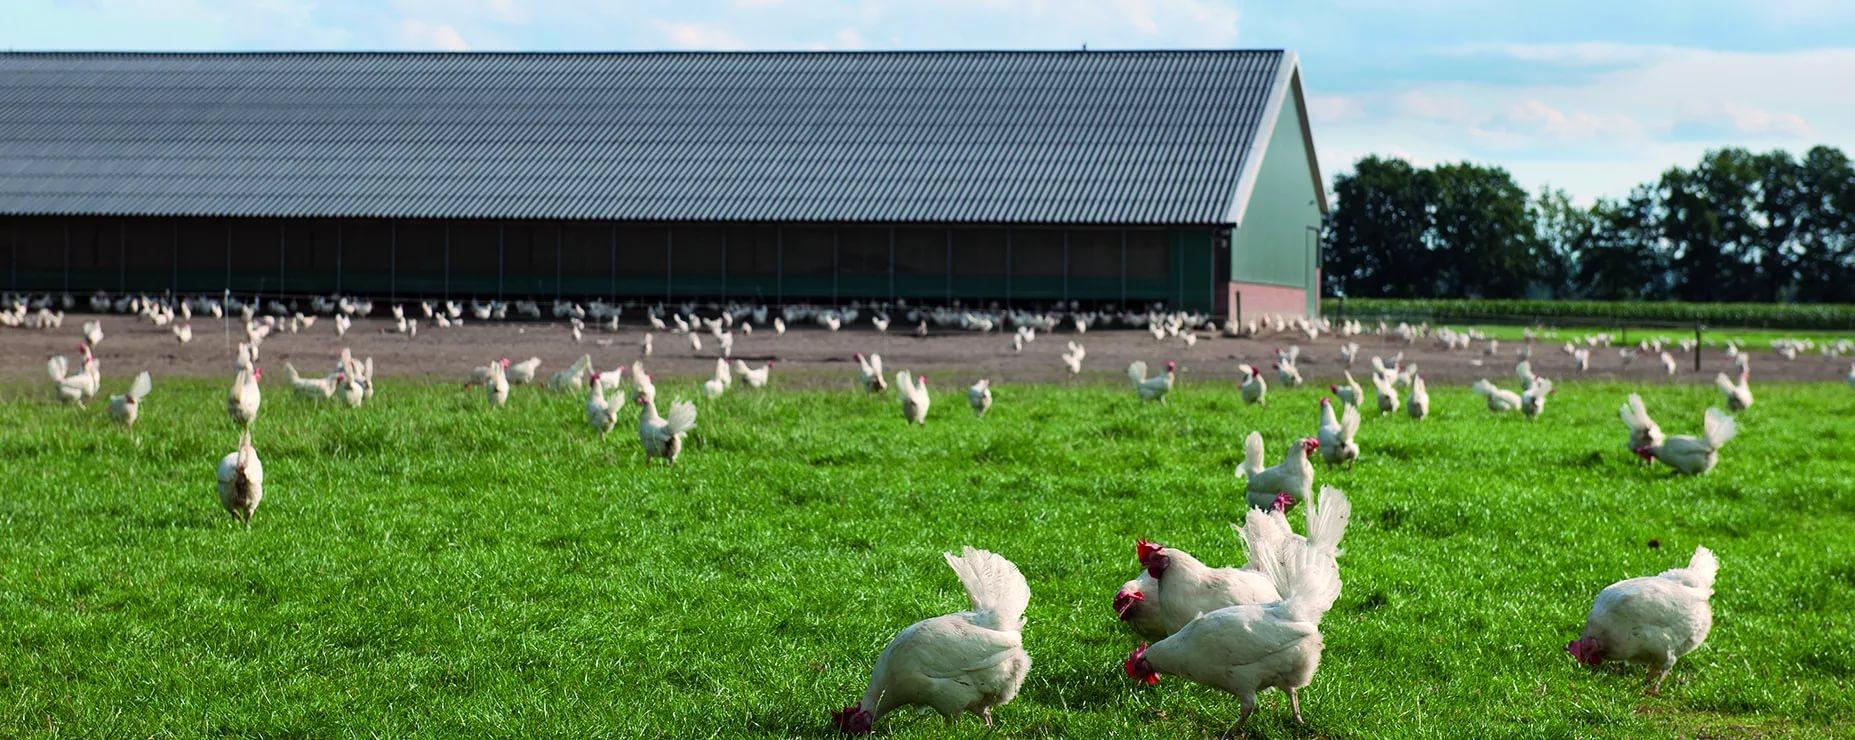 Мини-птицеферма на 500 кур: как сделать самостоятельно